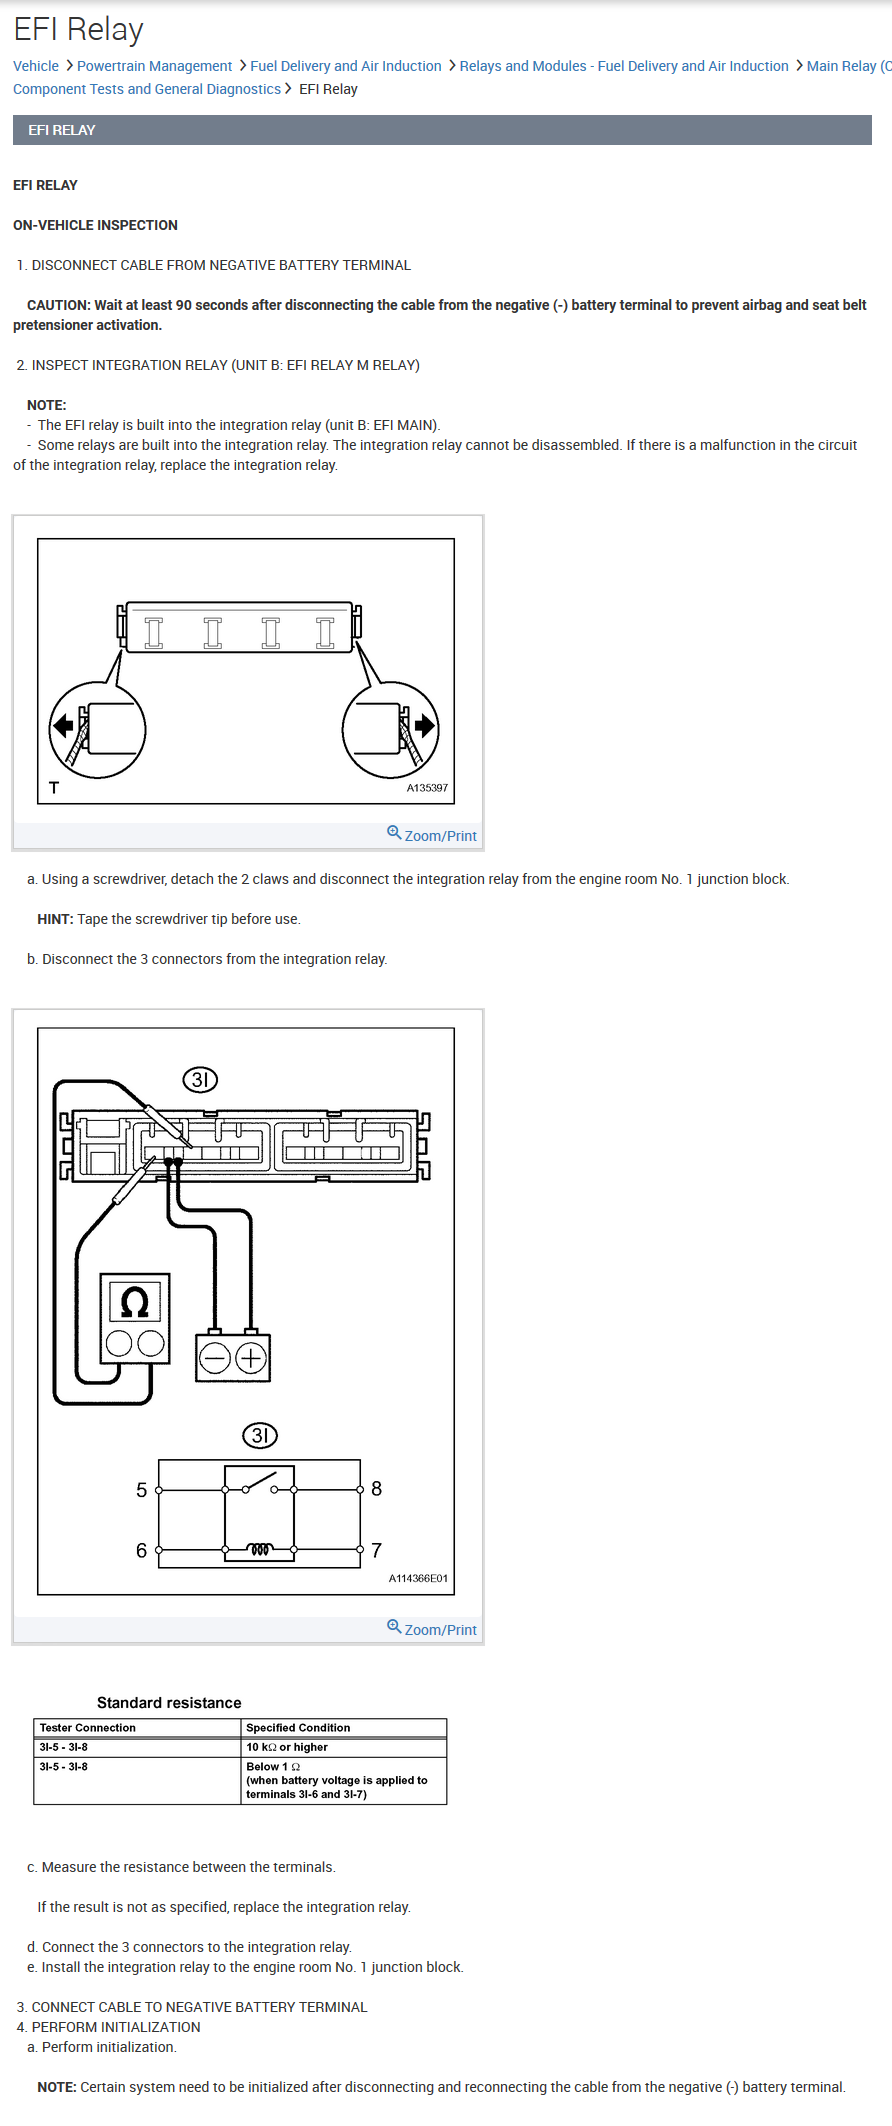 2011 Toyota Camry Engine Coolant Temperature Circuit Obdii Engine